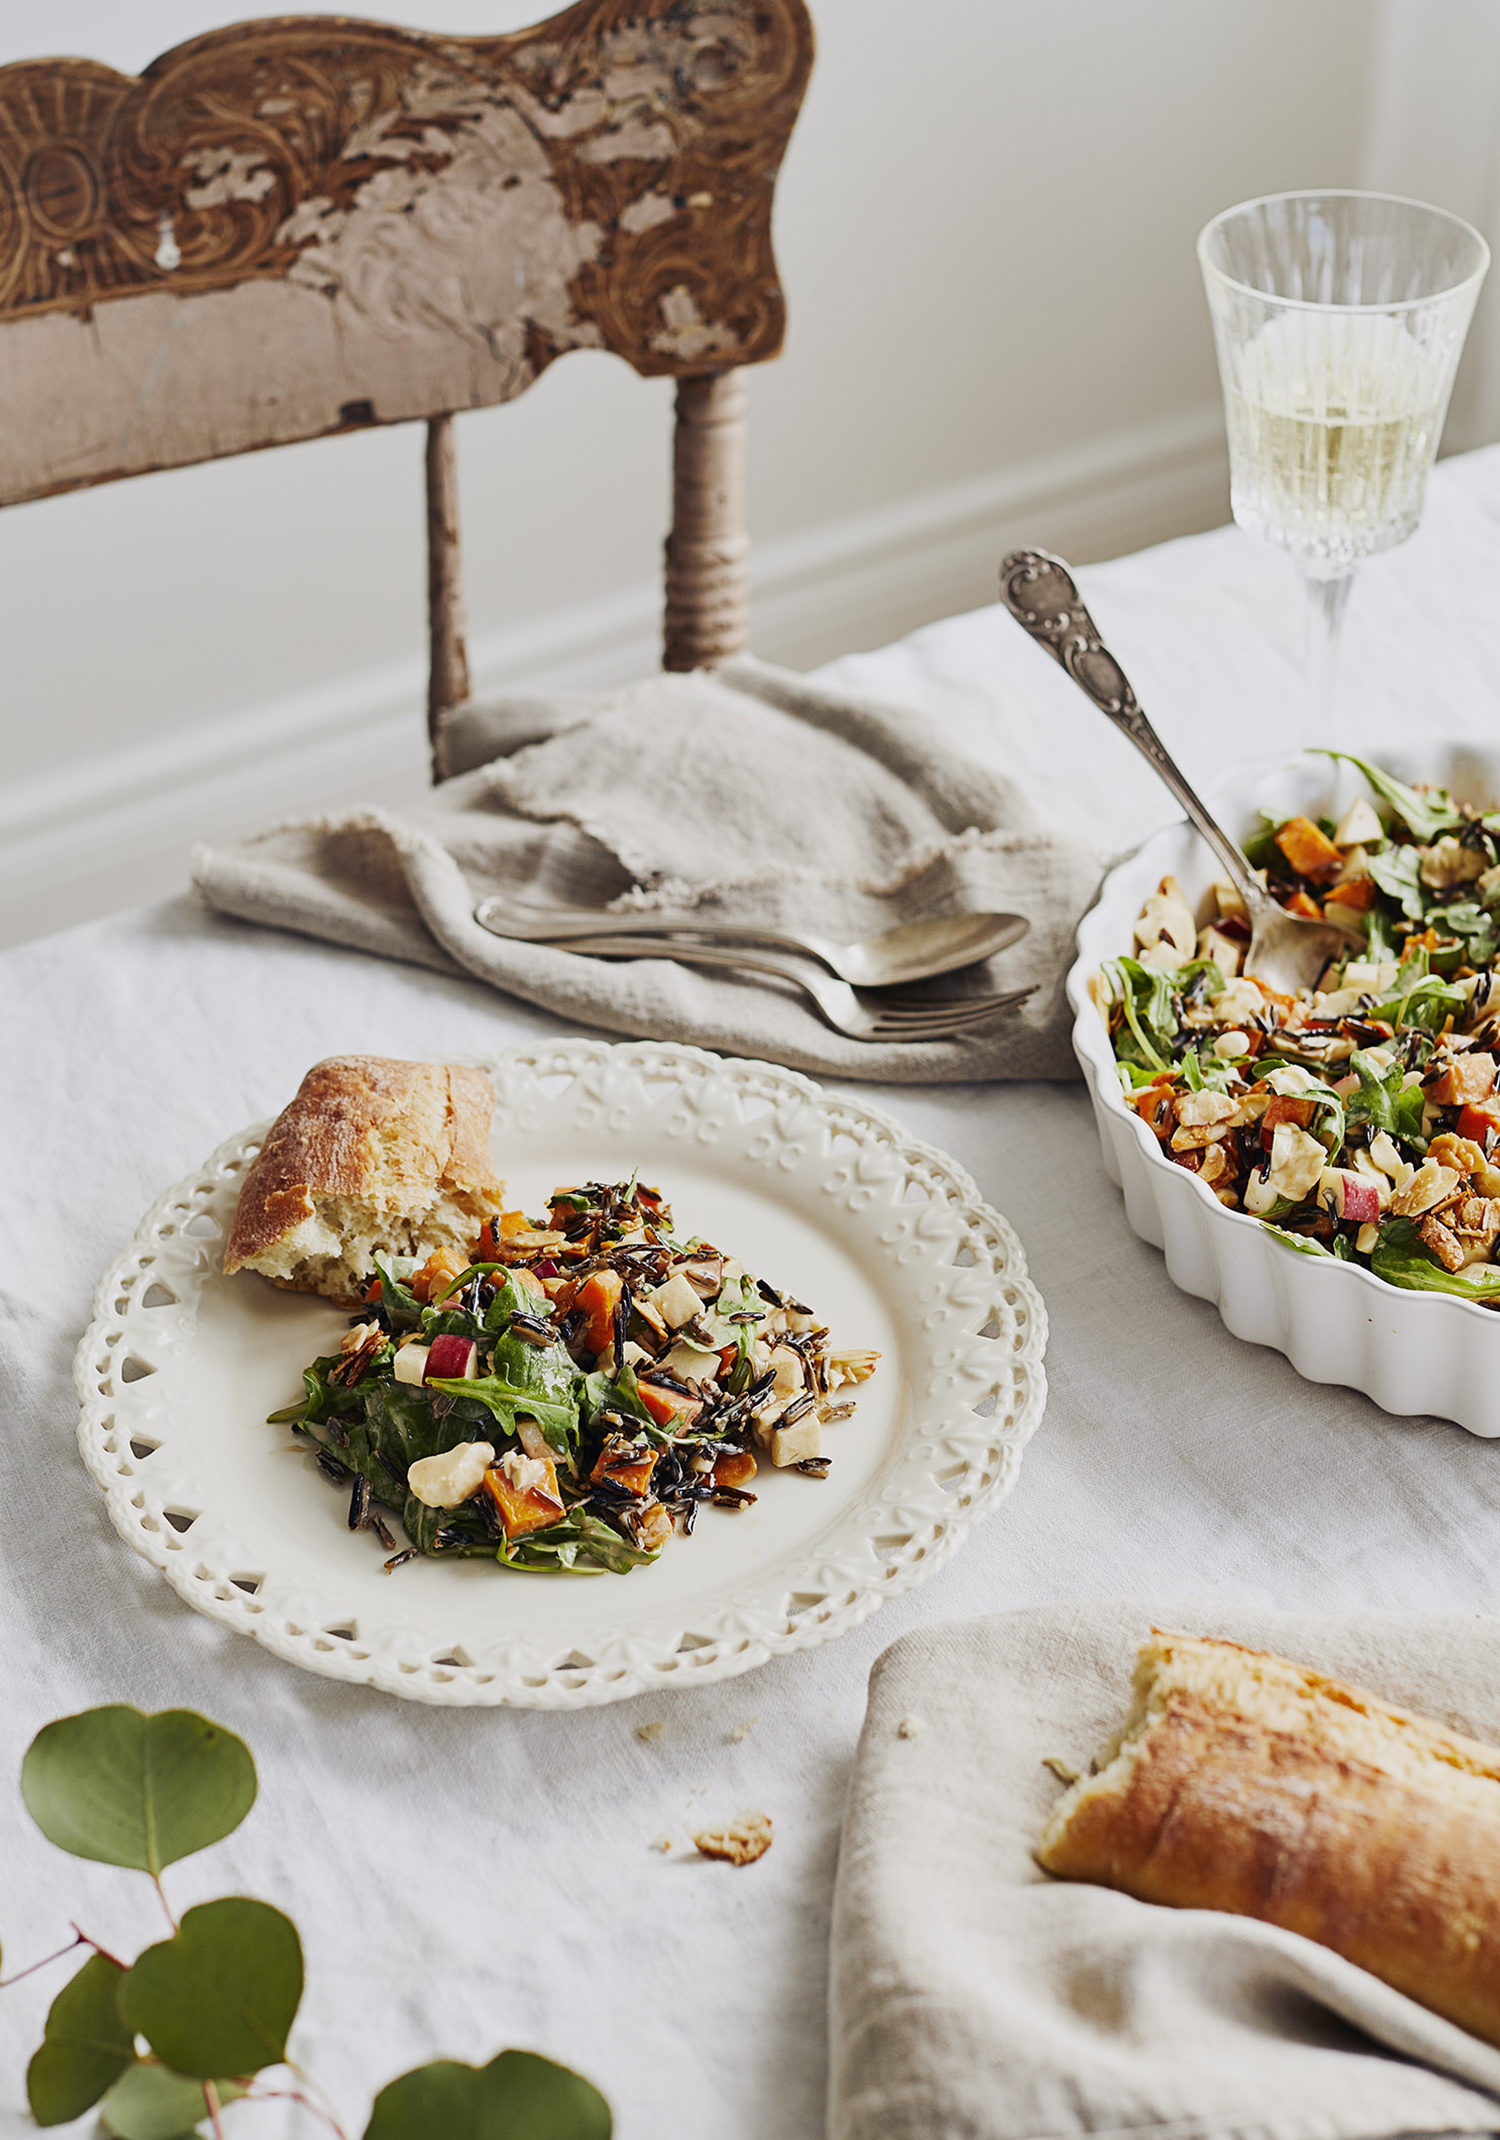 Salade crémeuse aux patates douces, riz sauvage, au fromage en grains & aux pommes